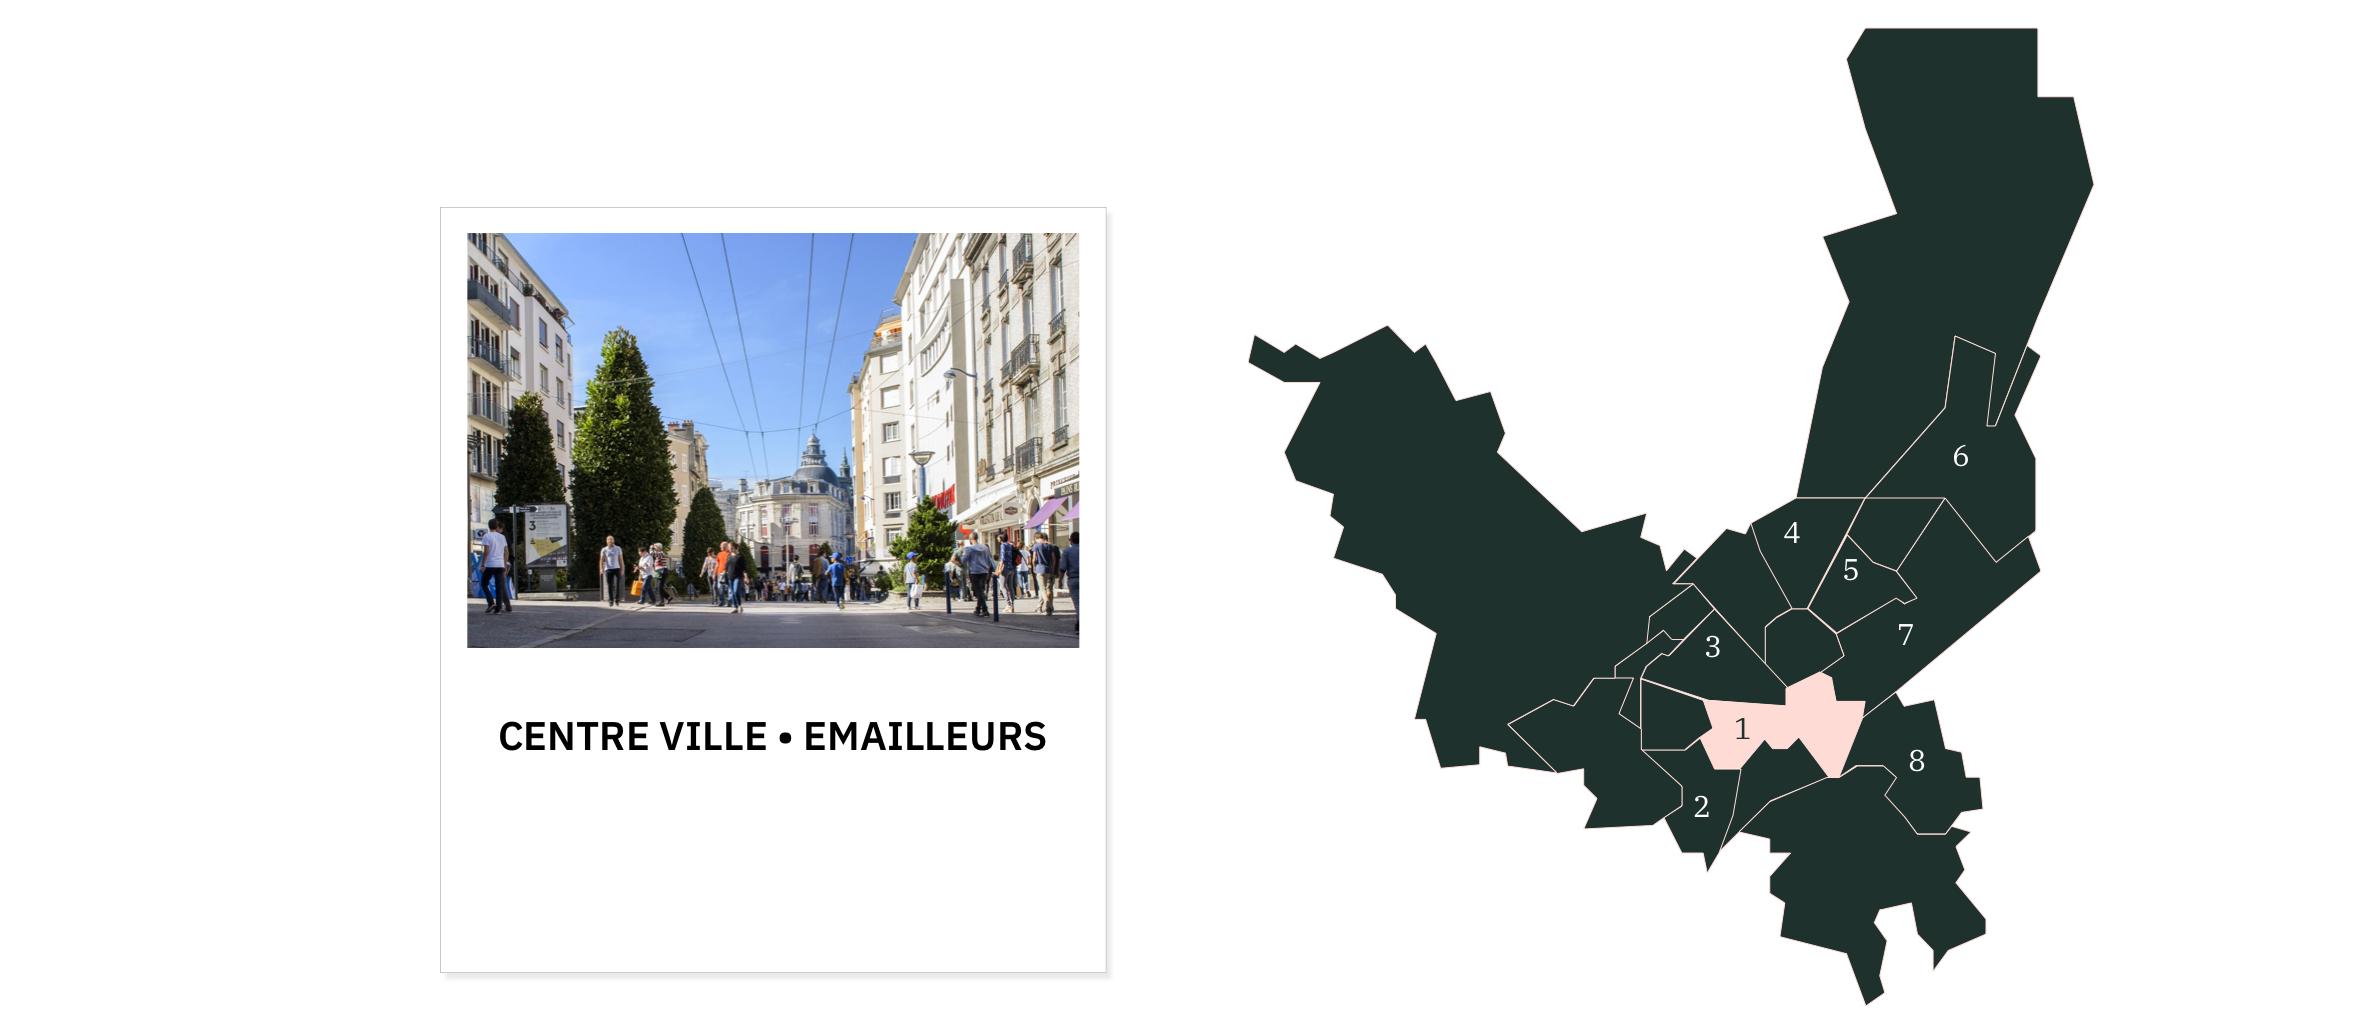 Centre ville • Emailleurs ⎮ Quartiers de Limoges